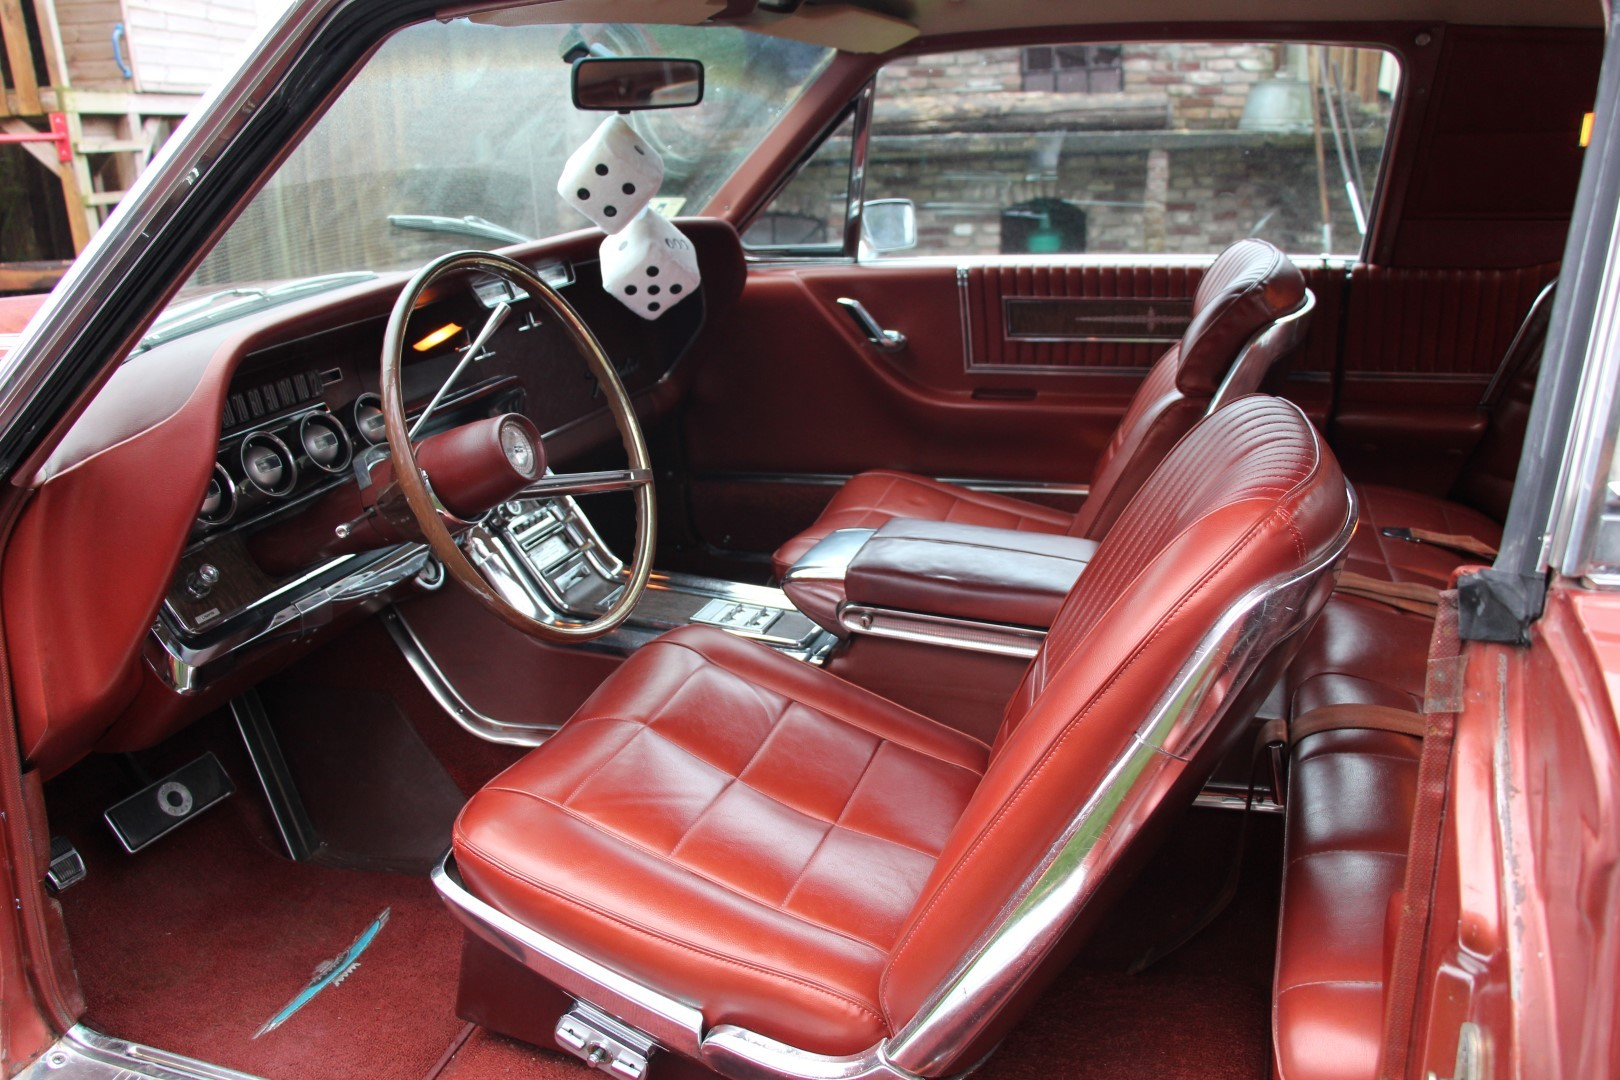 1966 Ford Thunderbird Town Landau 428 - emberglow (23)